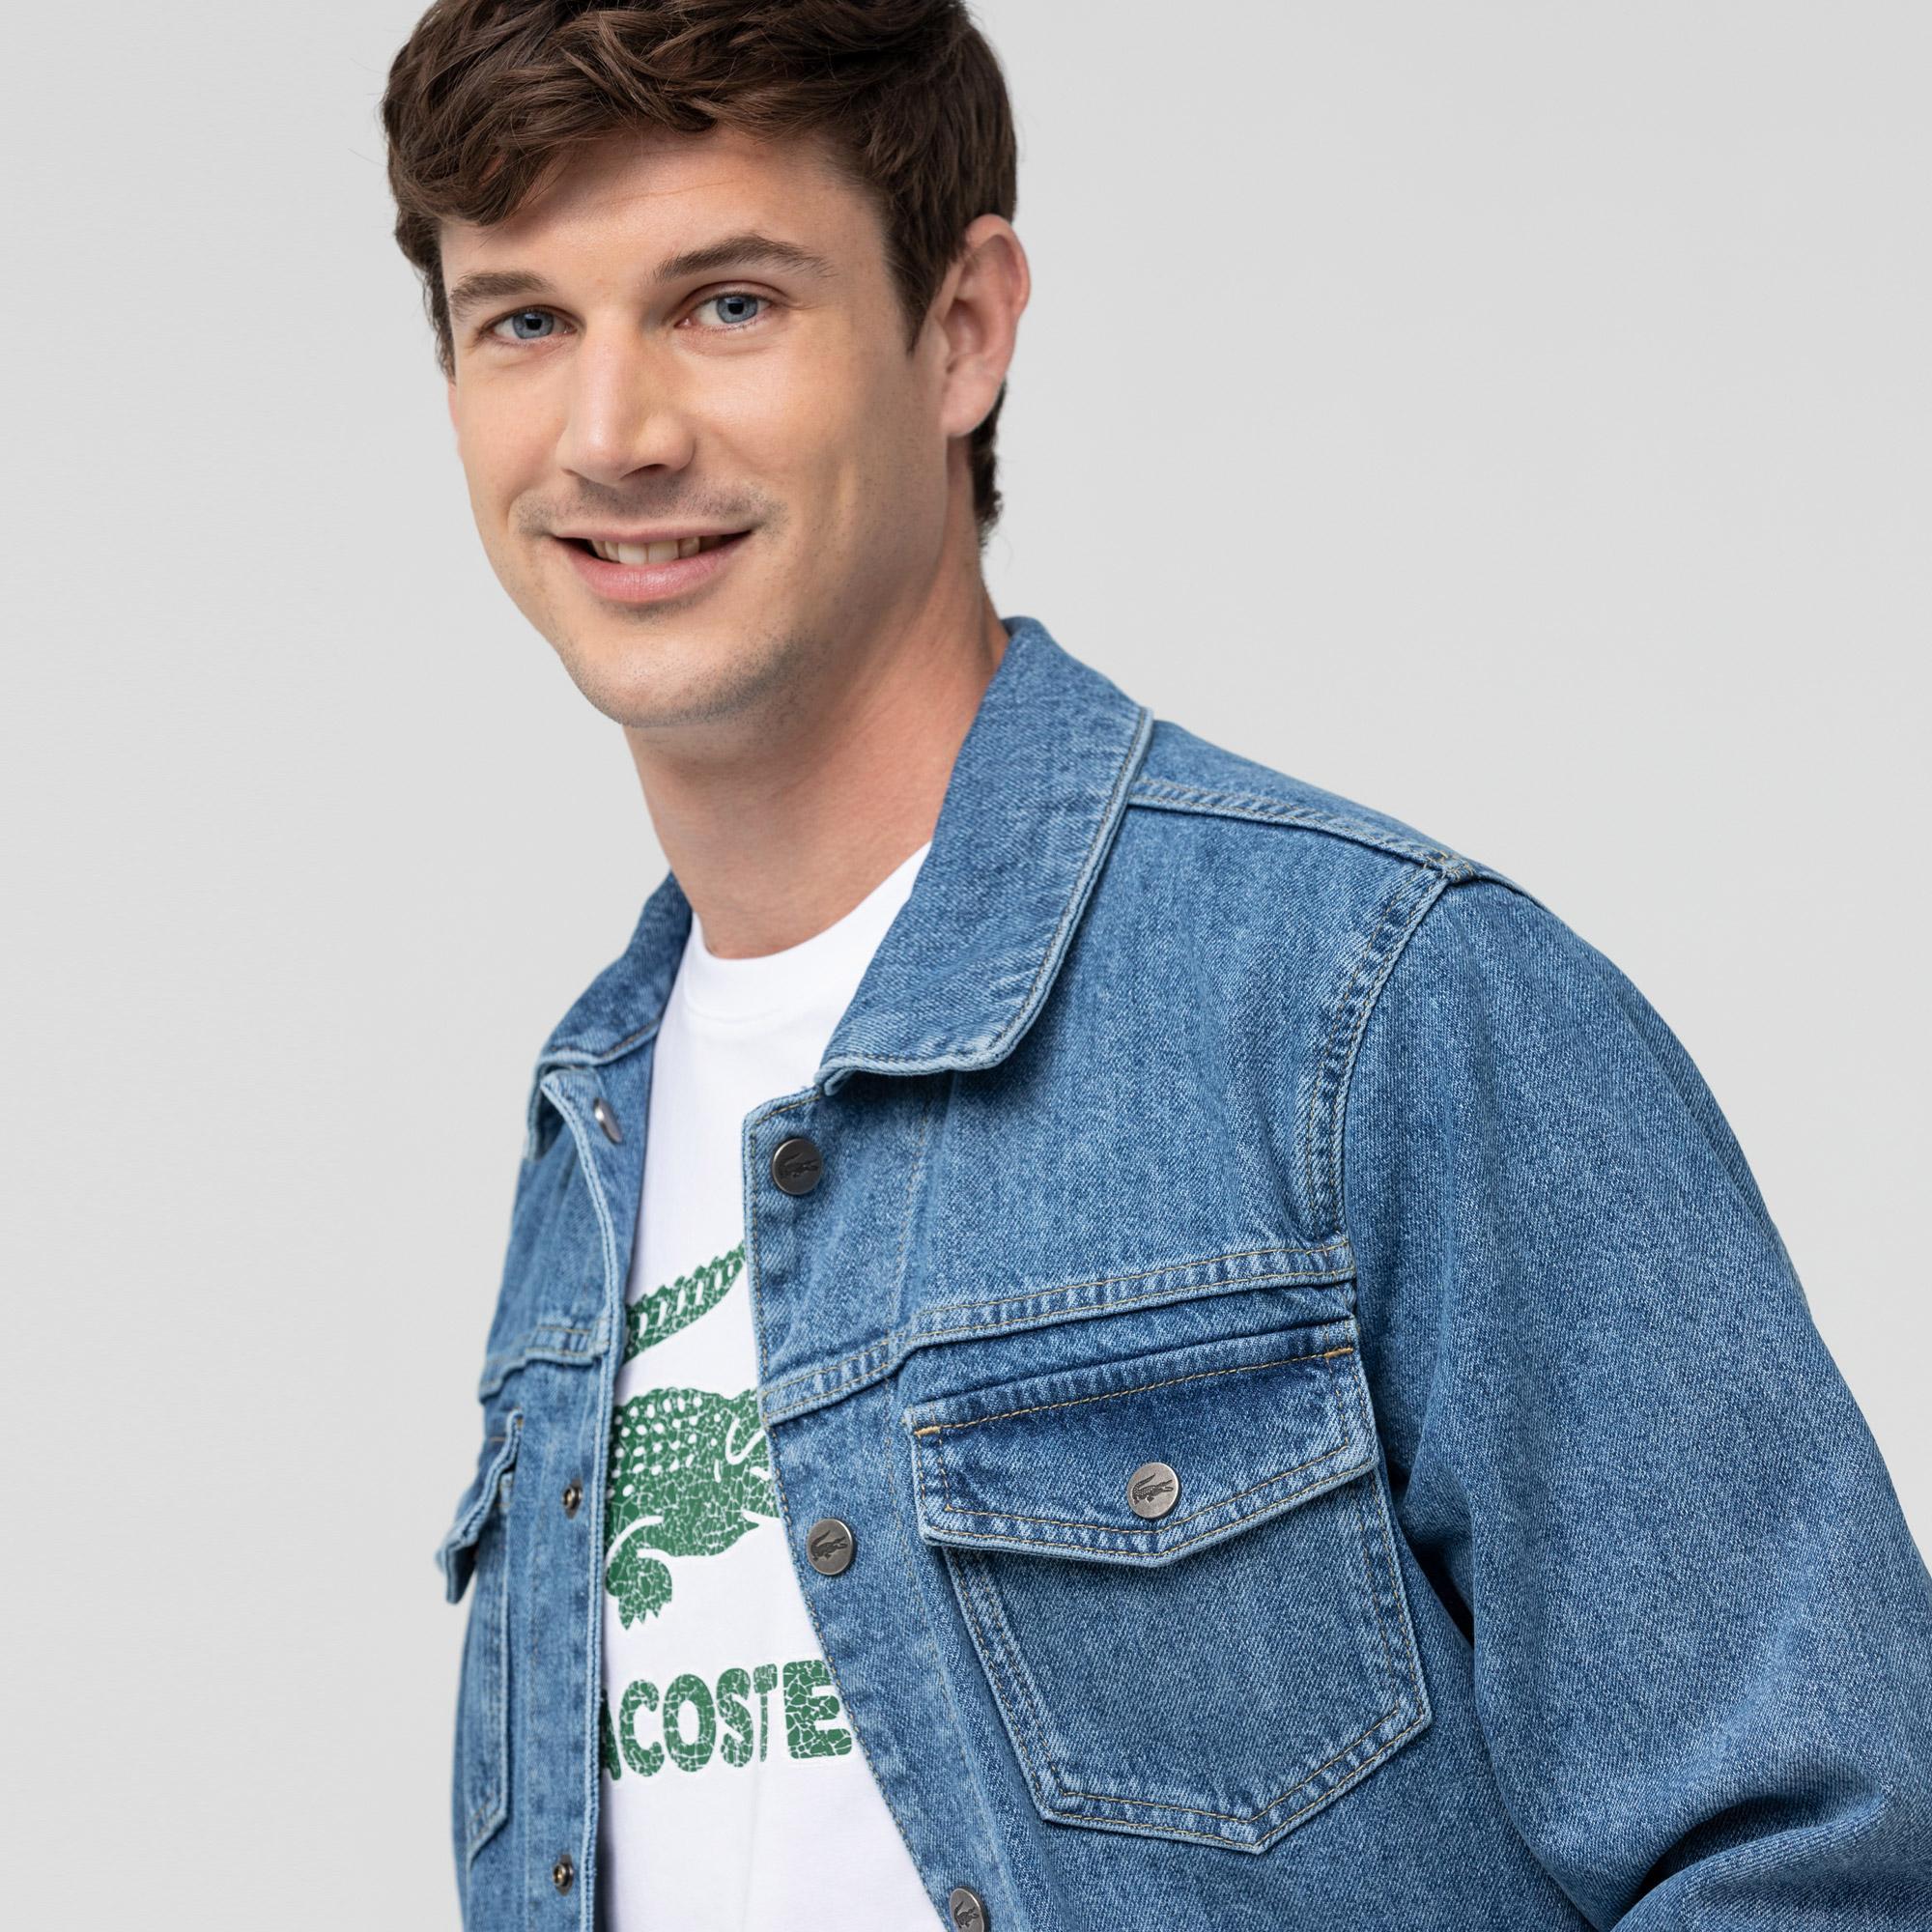 Lacoste Erkek Gömlek Yaka Mavi Denim Ceket